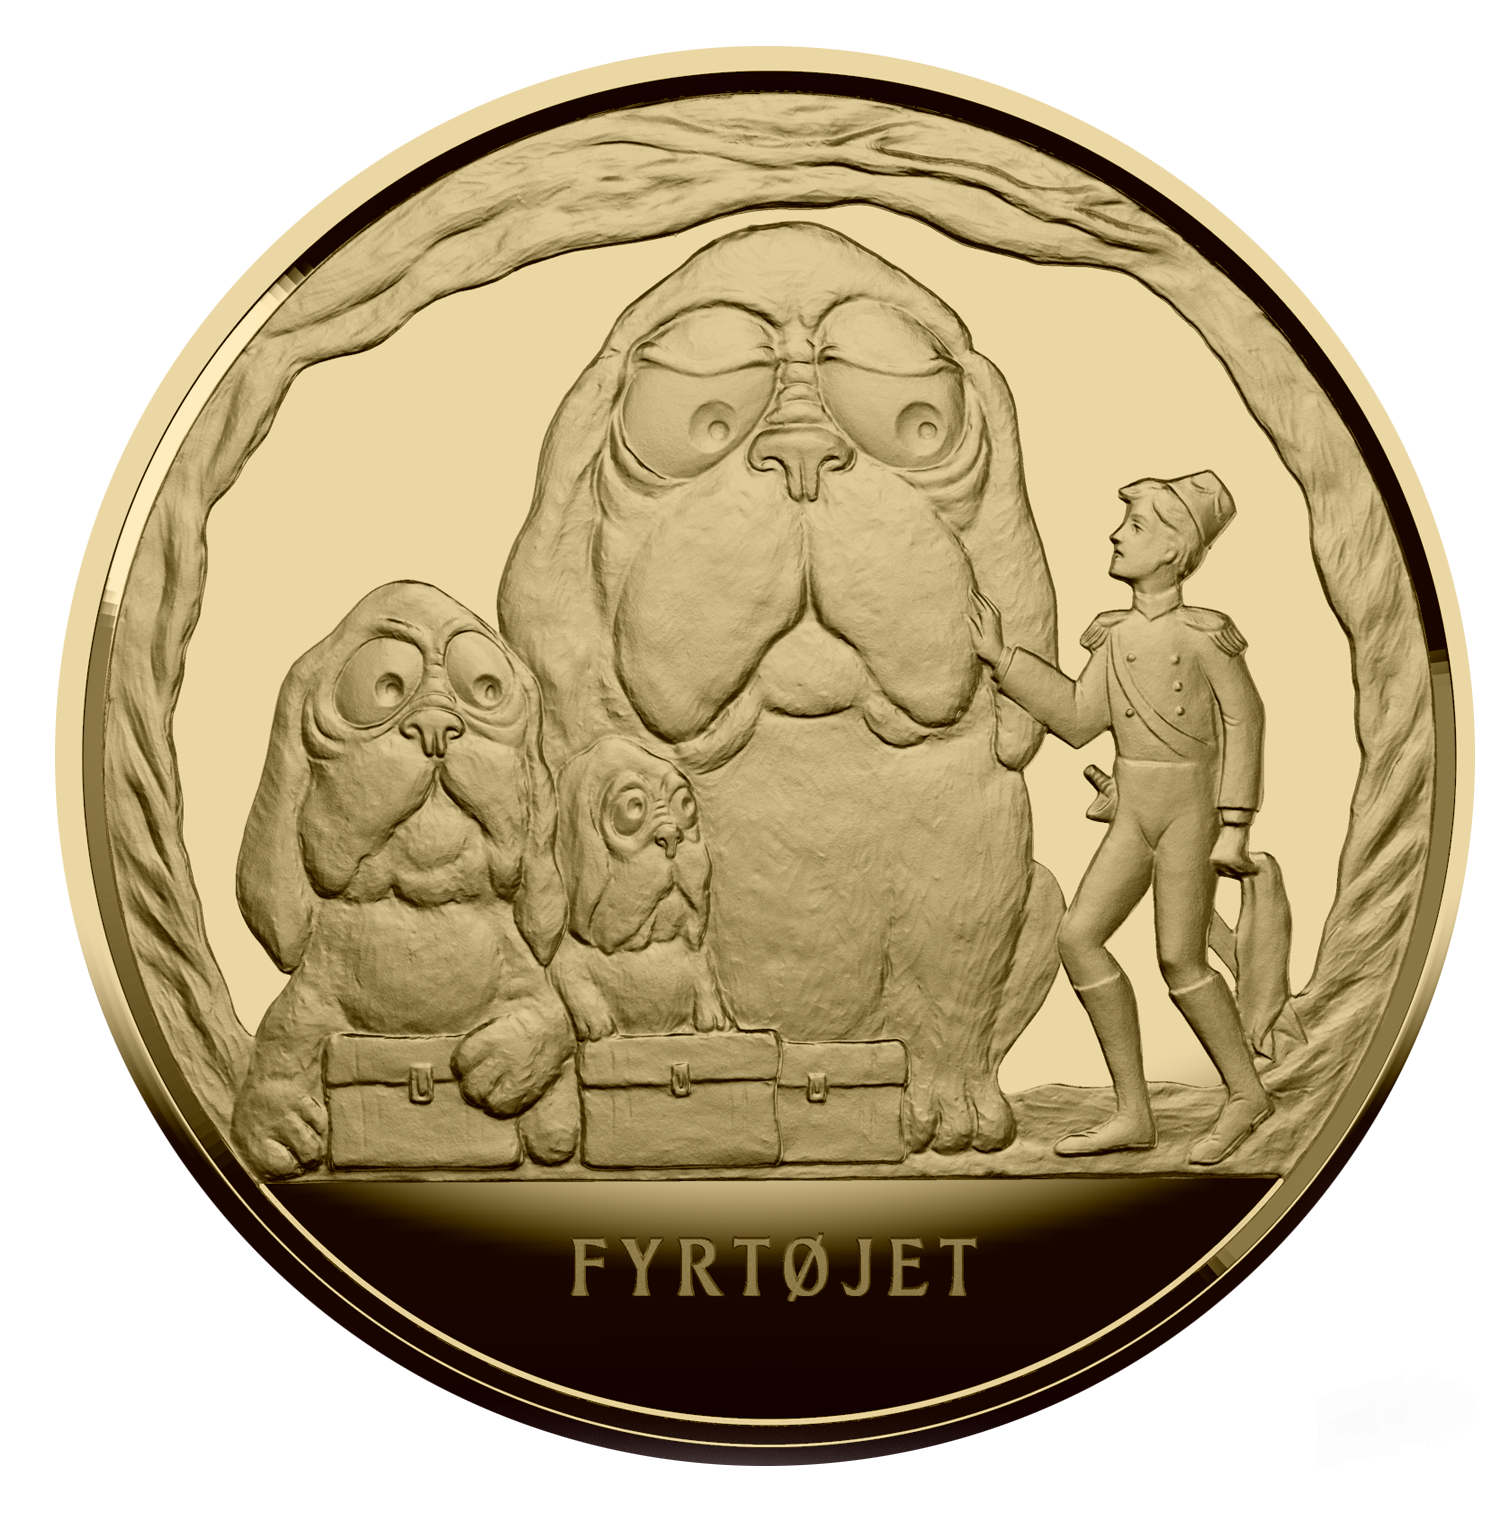 En flot, guldbelagt medalje med motiver fra eventyret Fyrtøjet til kun 149 kr. inkl. porto. Belagt med 99,9% fairmined guld, som er guld udvundet på bæredygtig og ansvarlig vis.